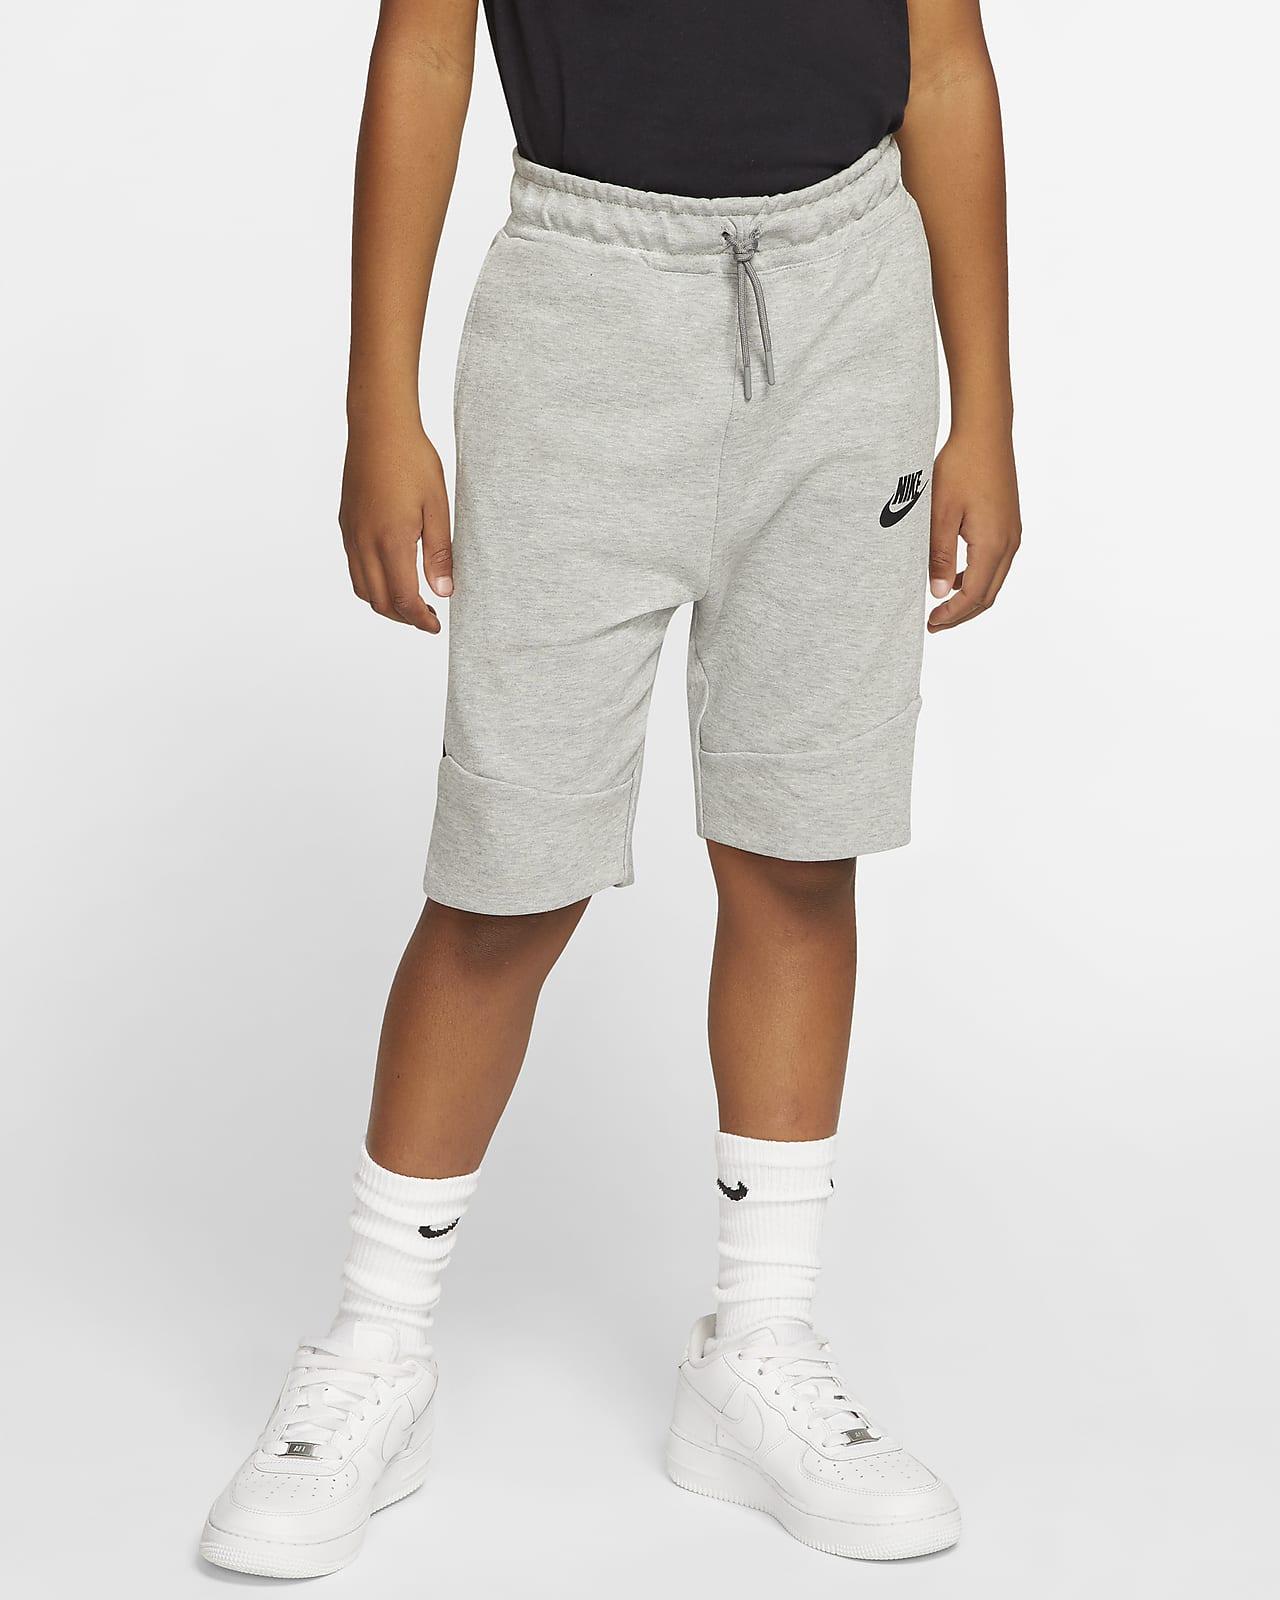 Nike Sportswear Tech Fleece Genç Çocuk Şortu